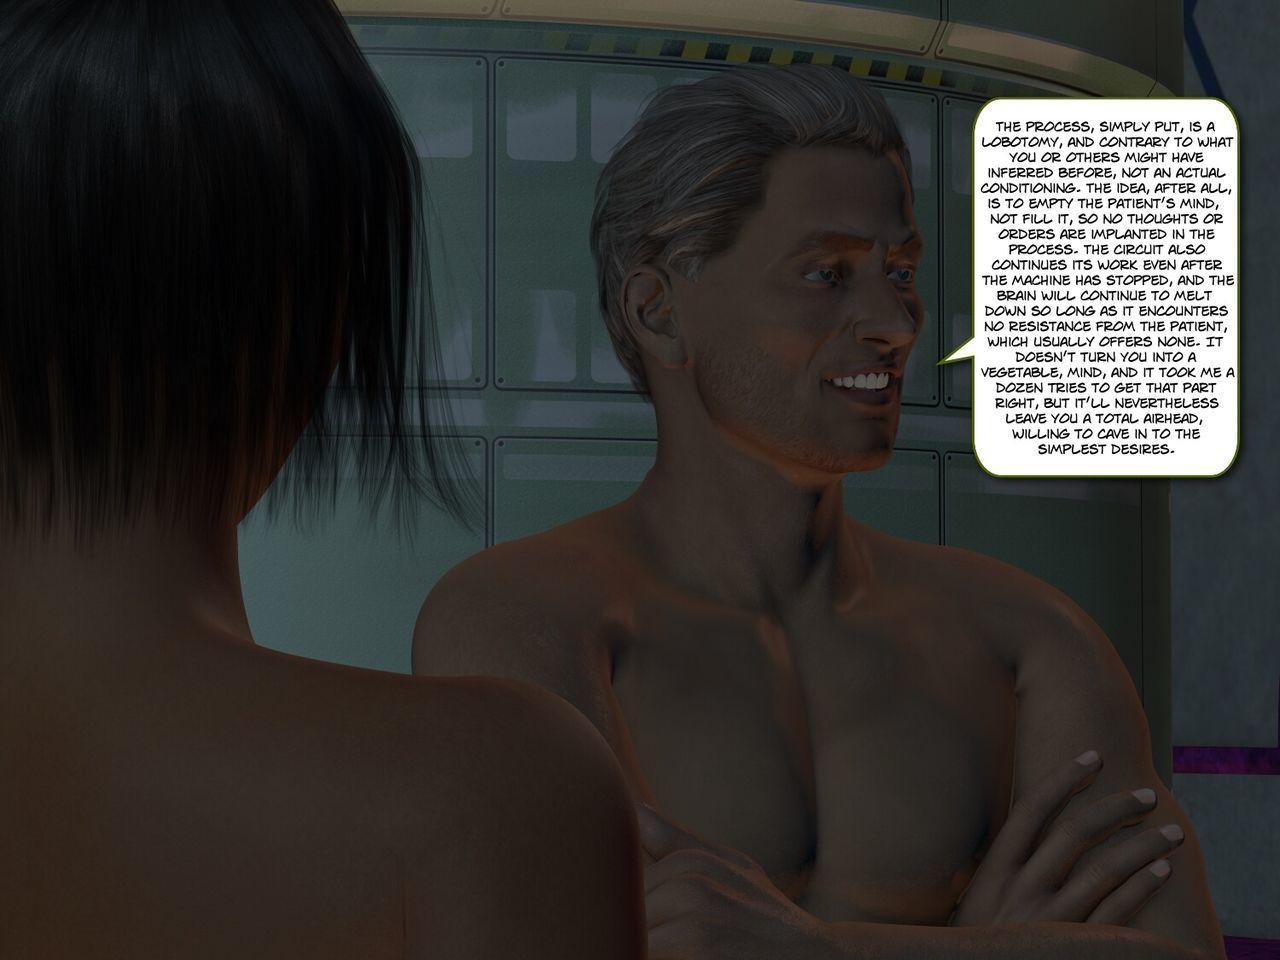 [babblingfaces] The Slavers Trail - part 2